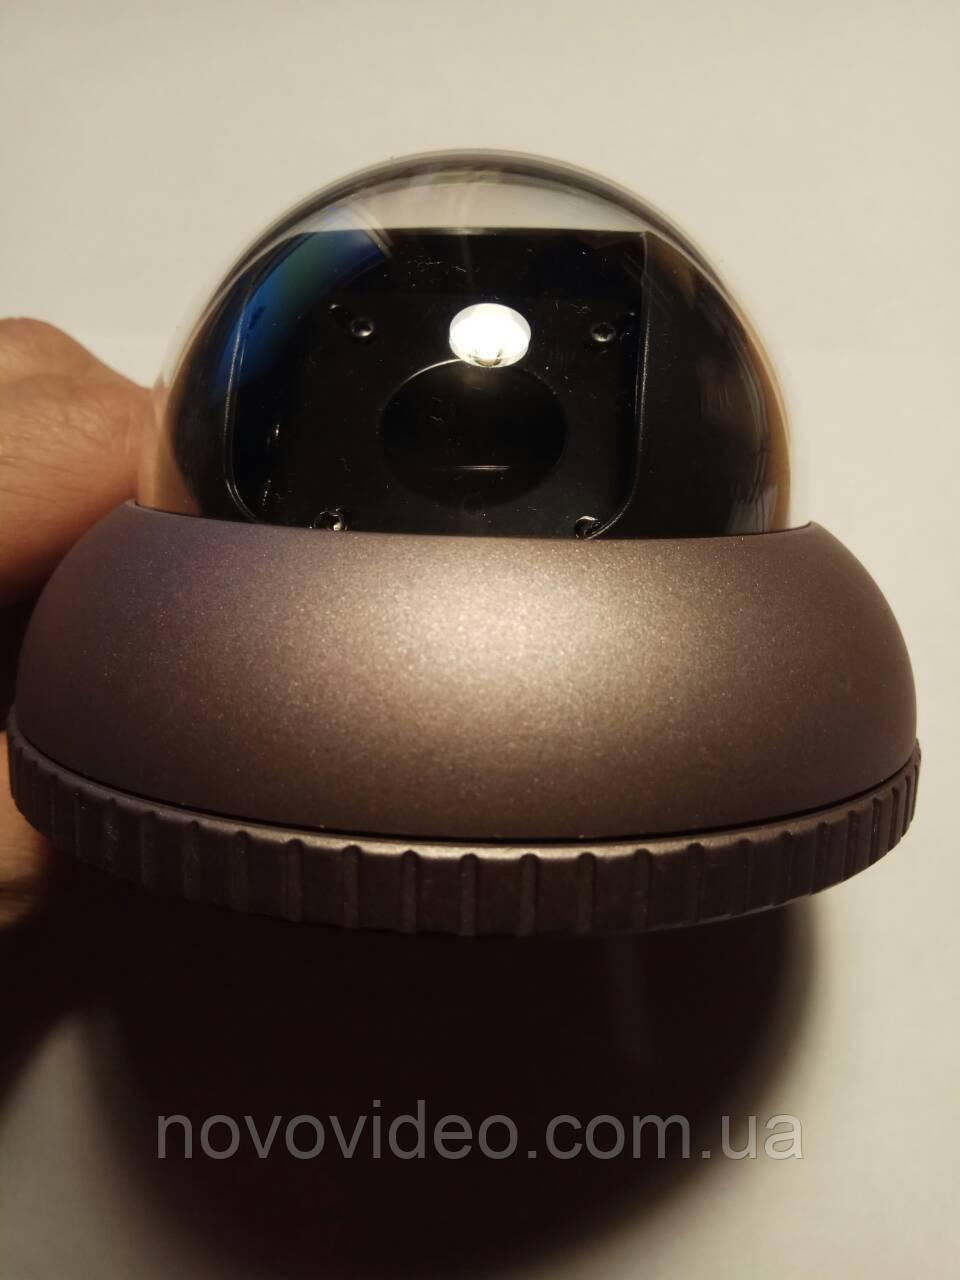 Корпус купольный для камеры наблюдения антивандальный